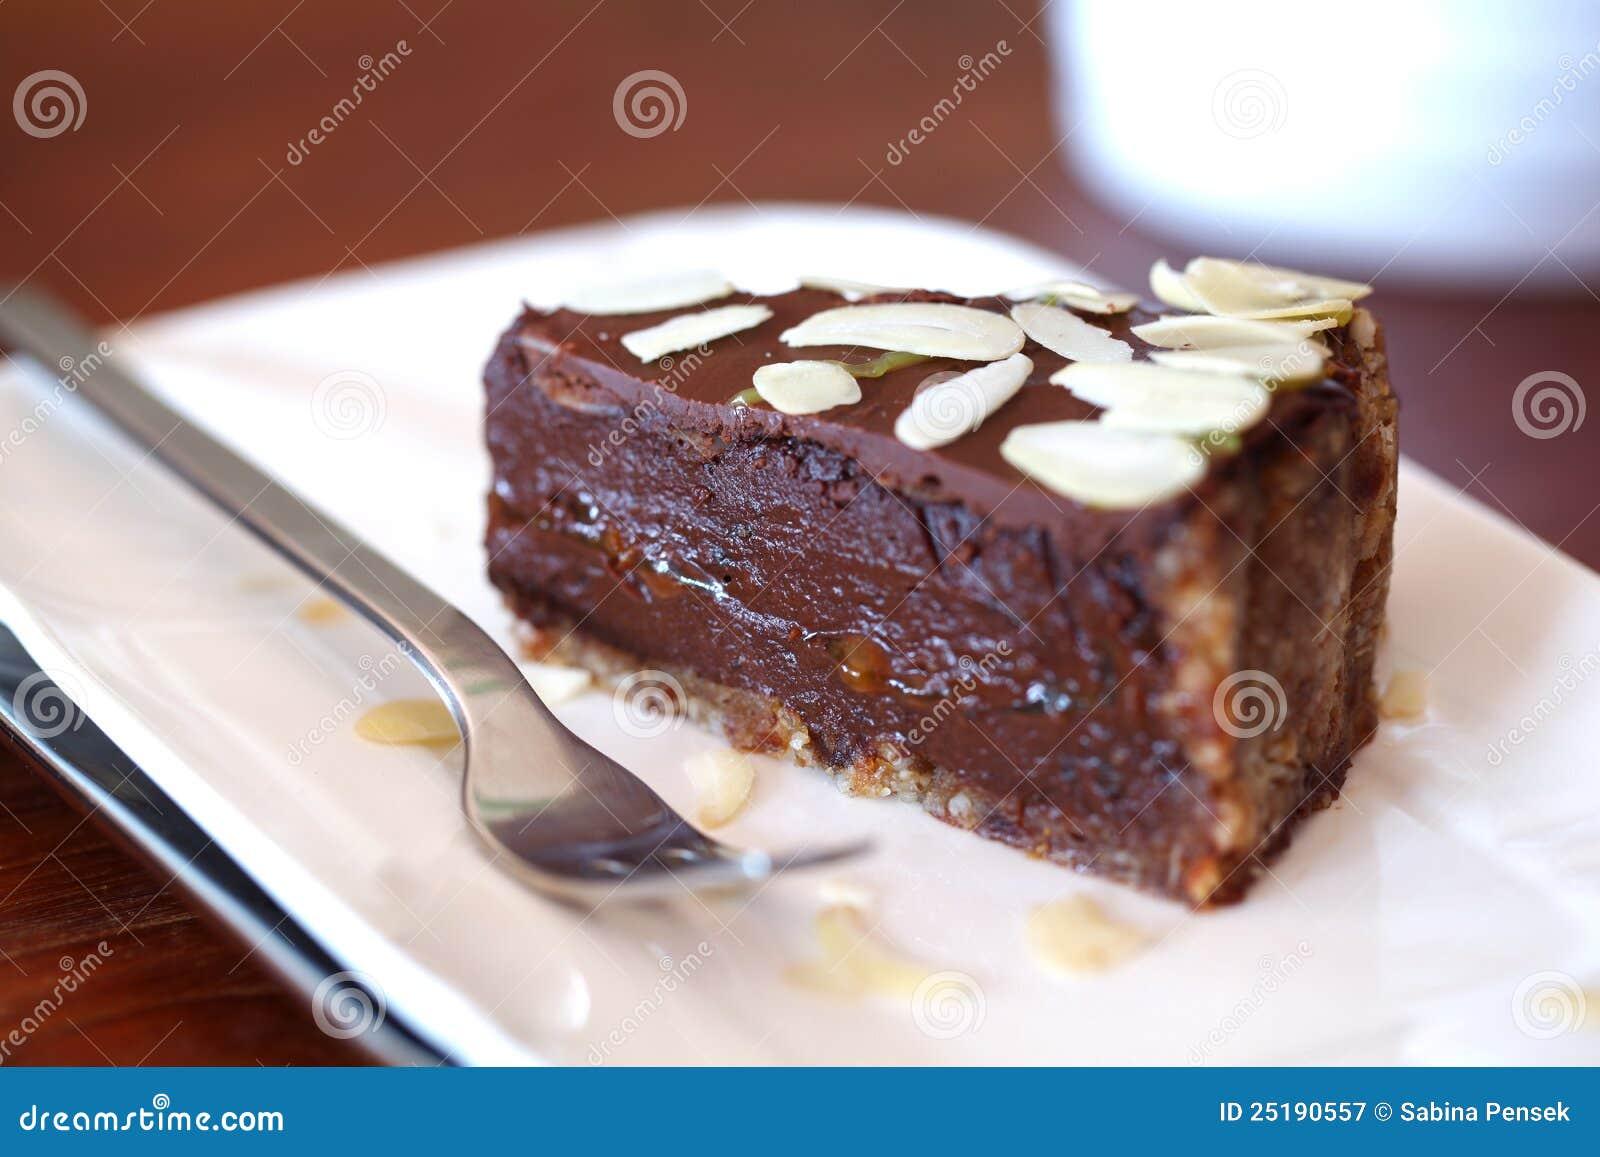 Raw Vegan Chocolate Ganache Cake